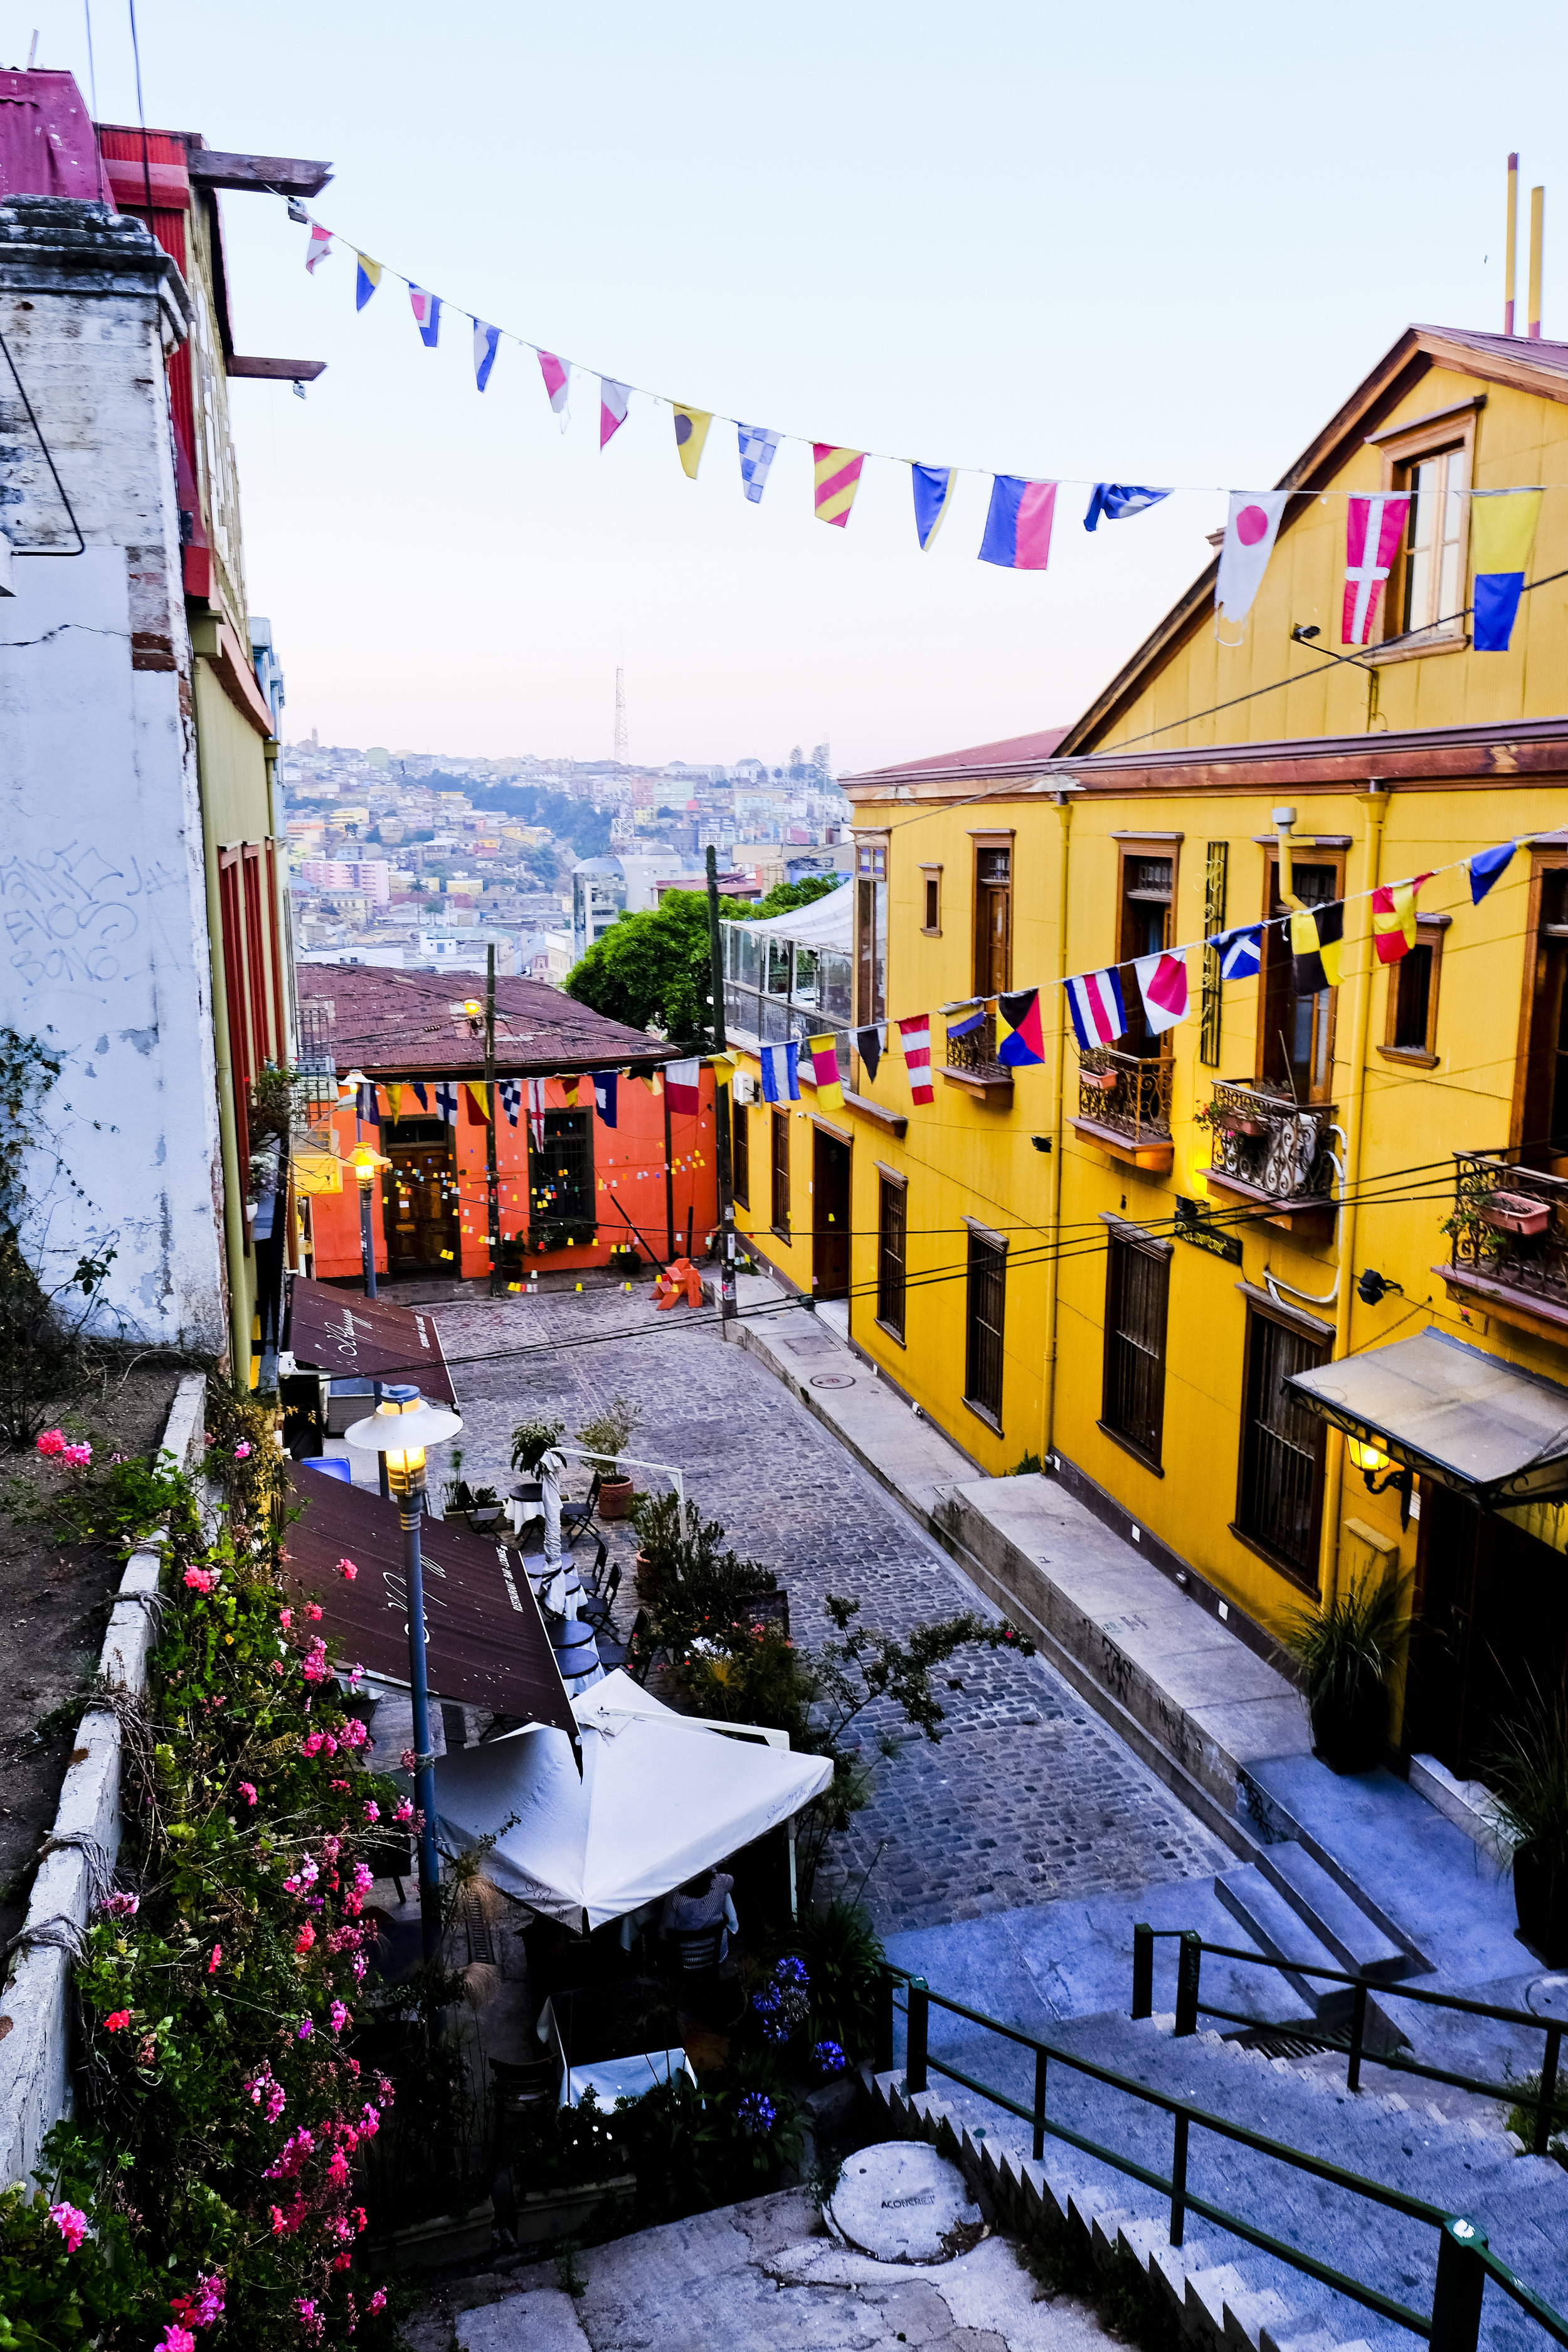 BBP-Valparaiso-231.jpg